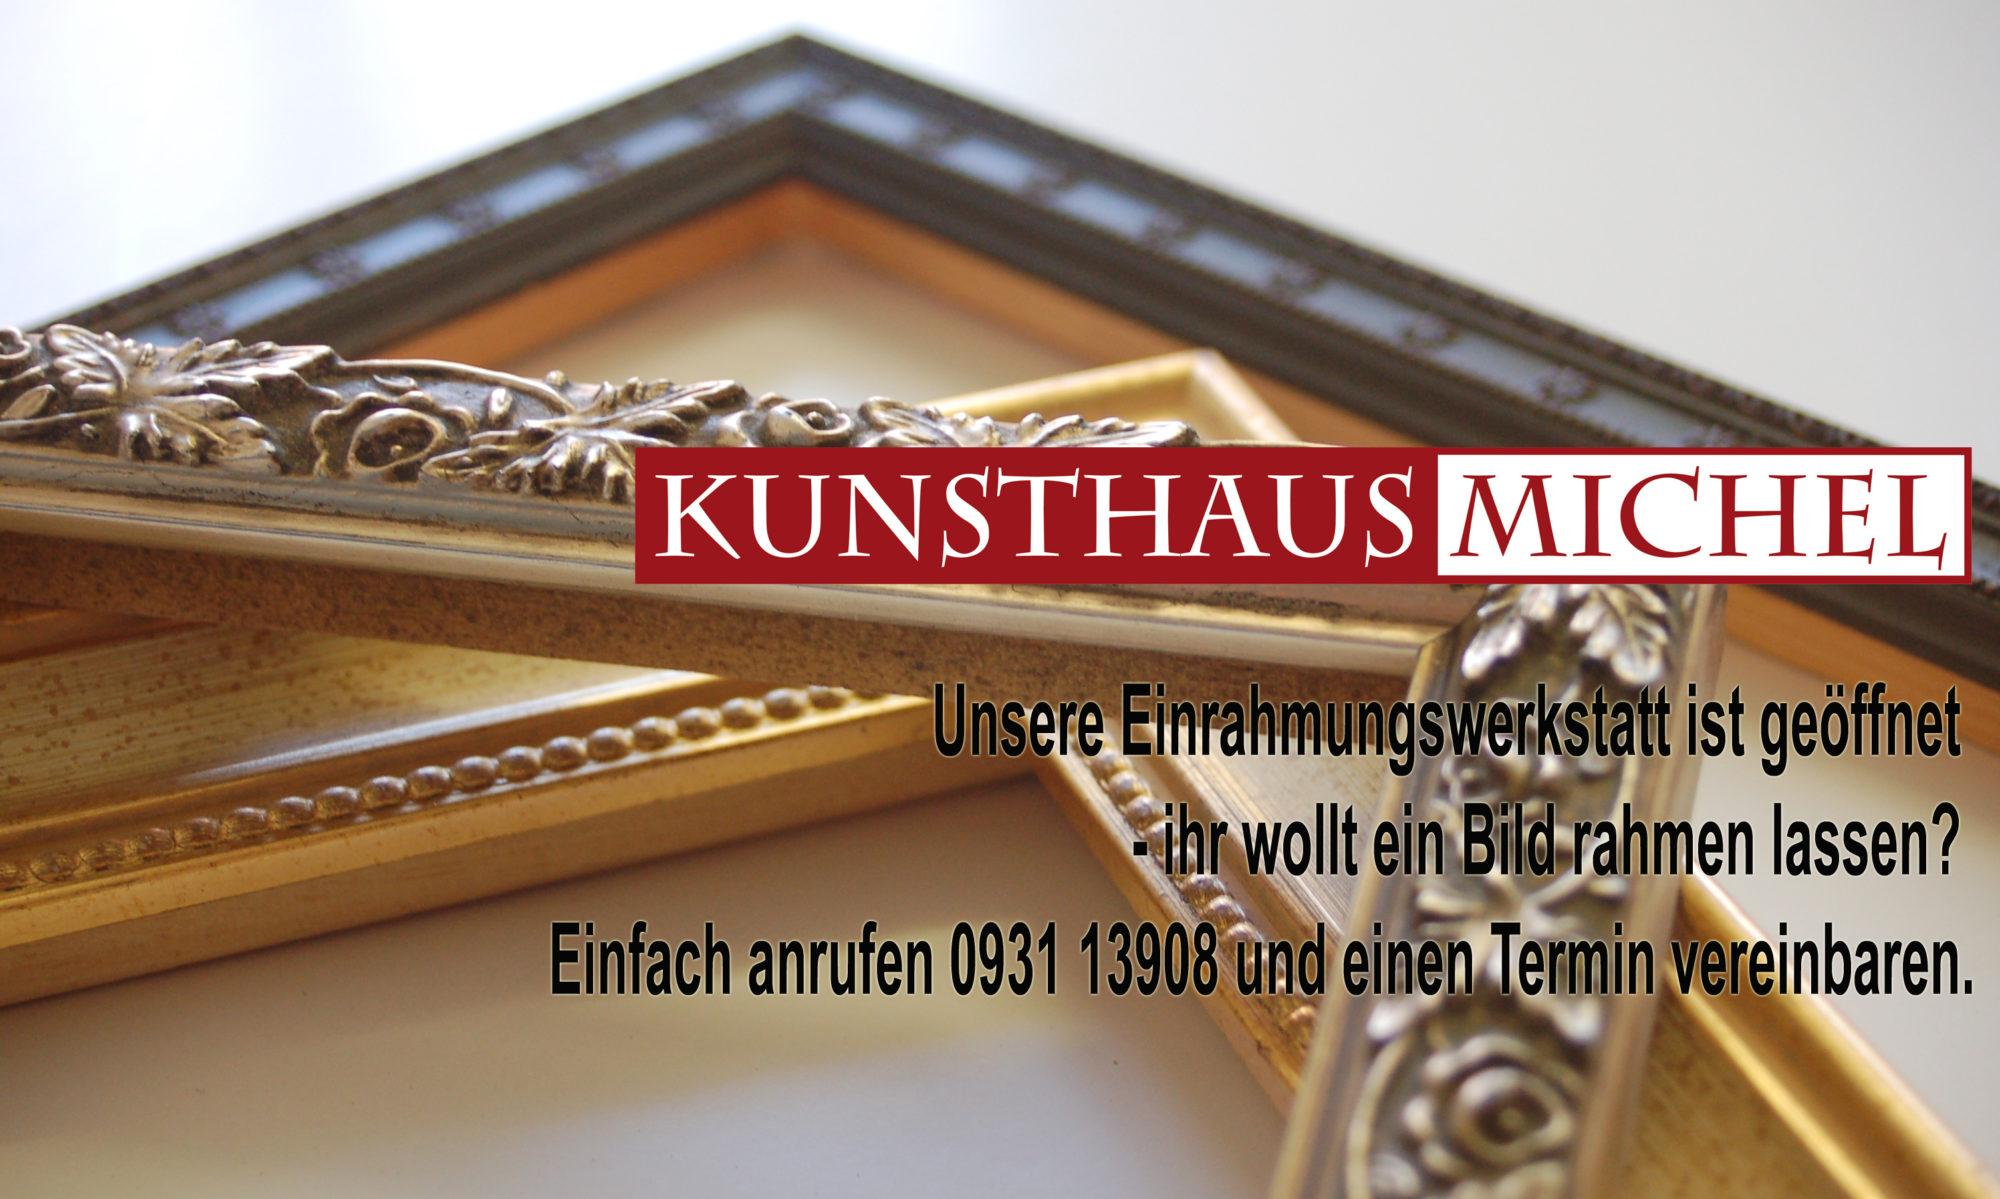 KUNSTHAUS MICHEL